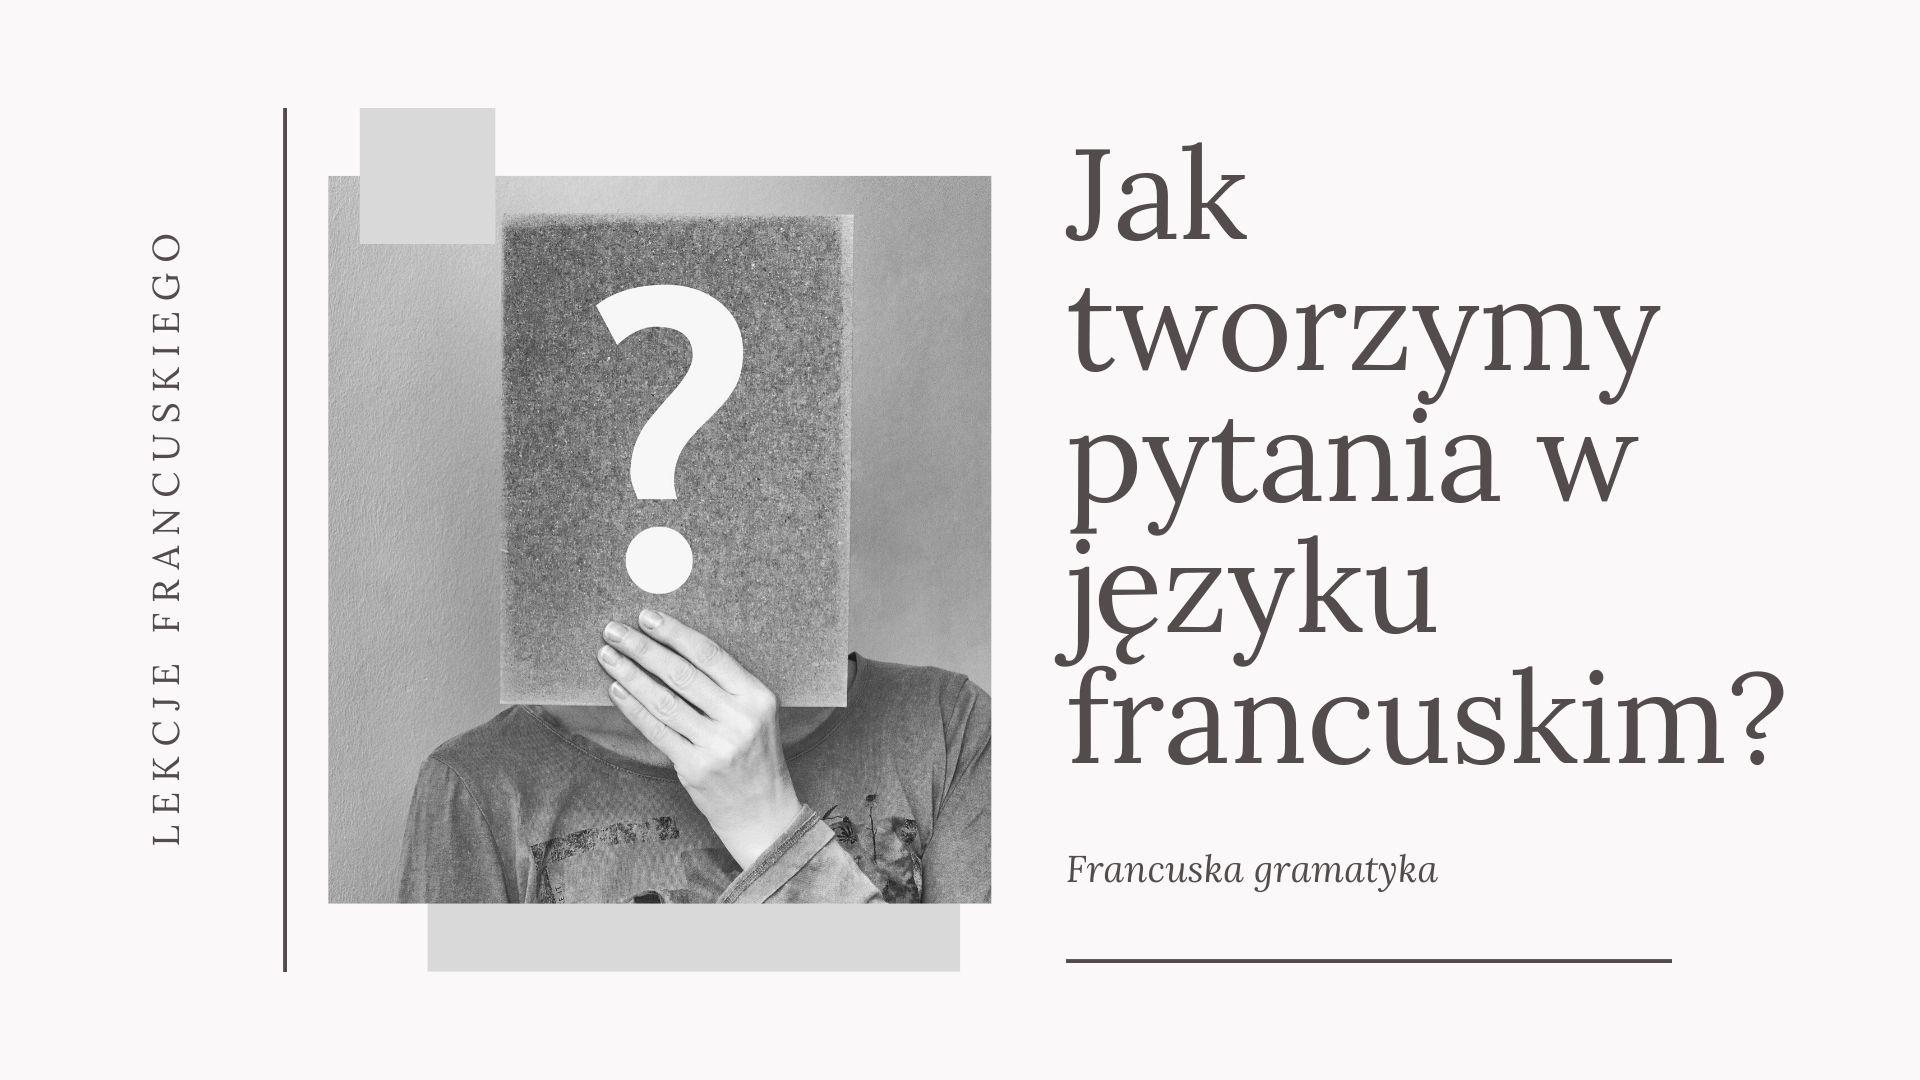 Jak tworzymy pytania w języku francuskim?